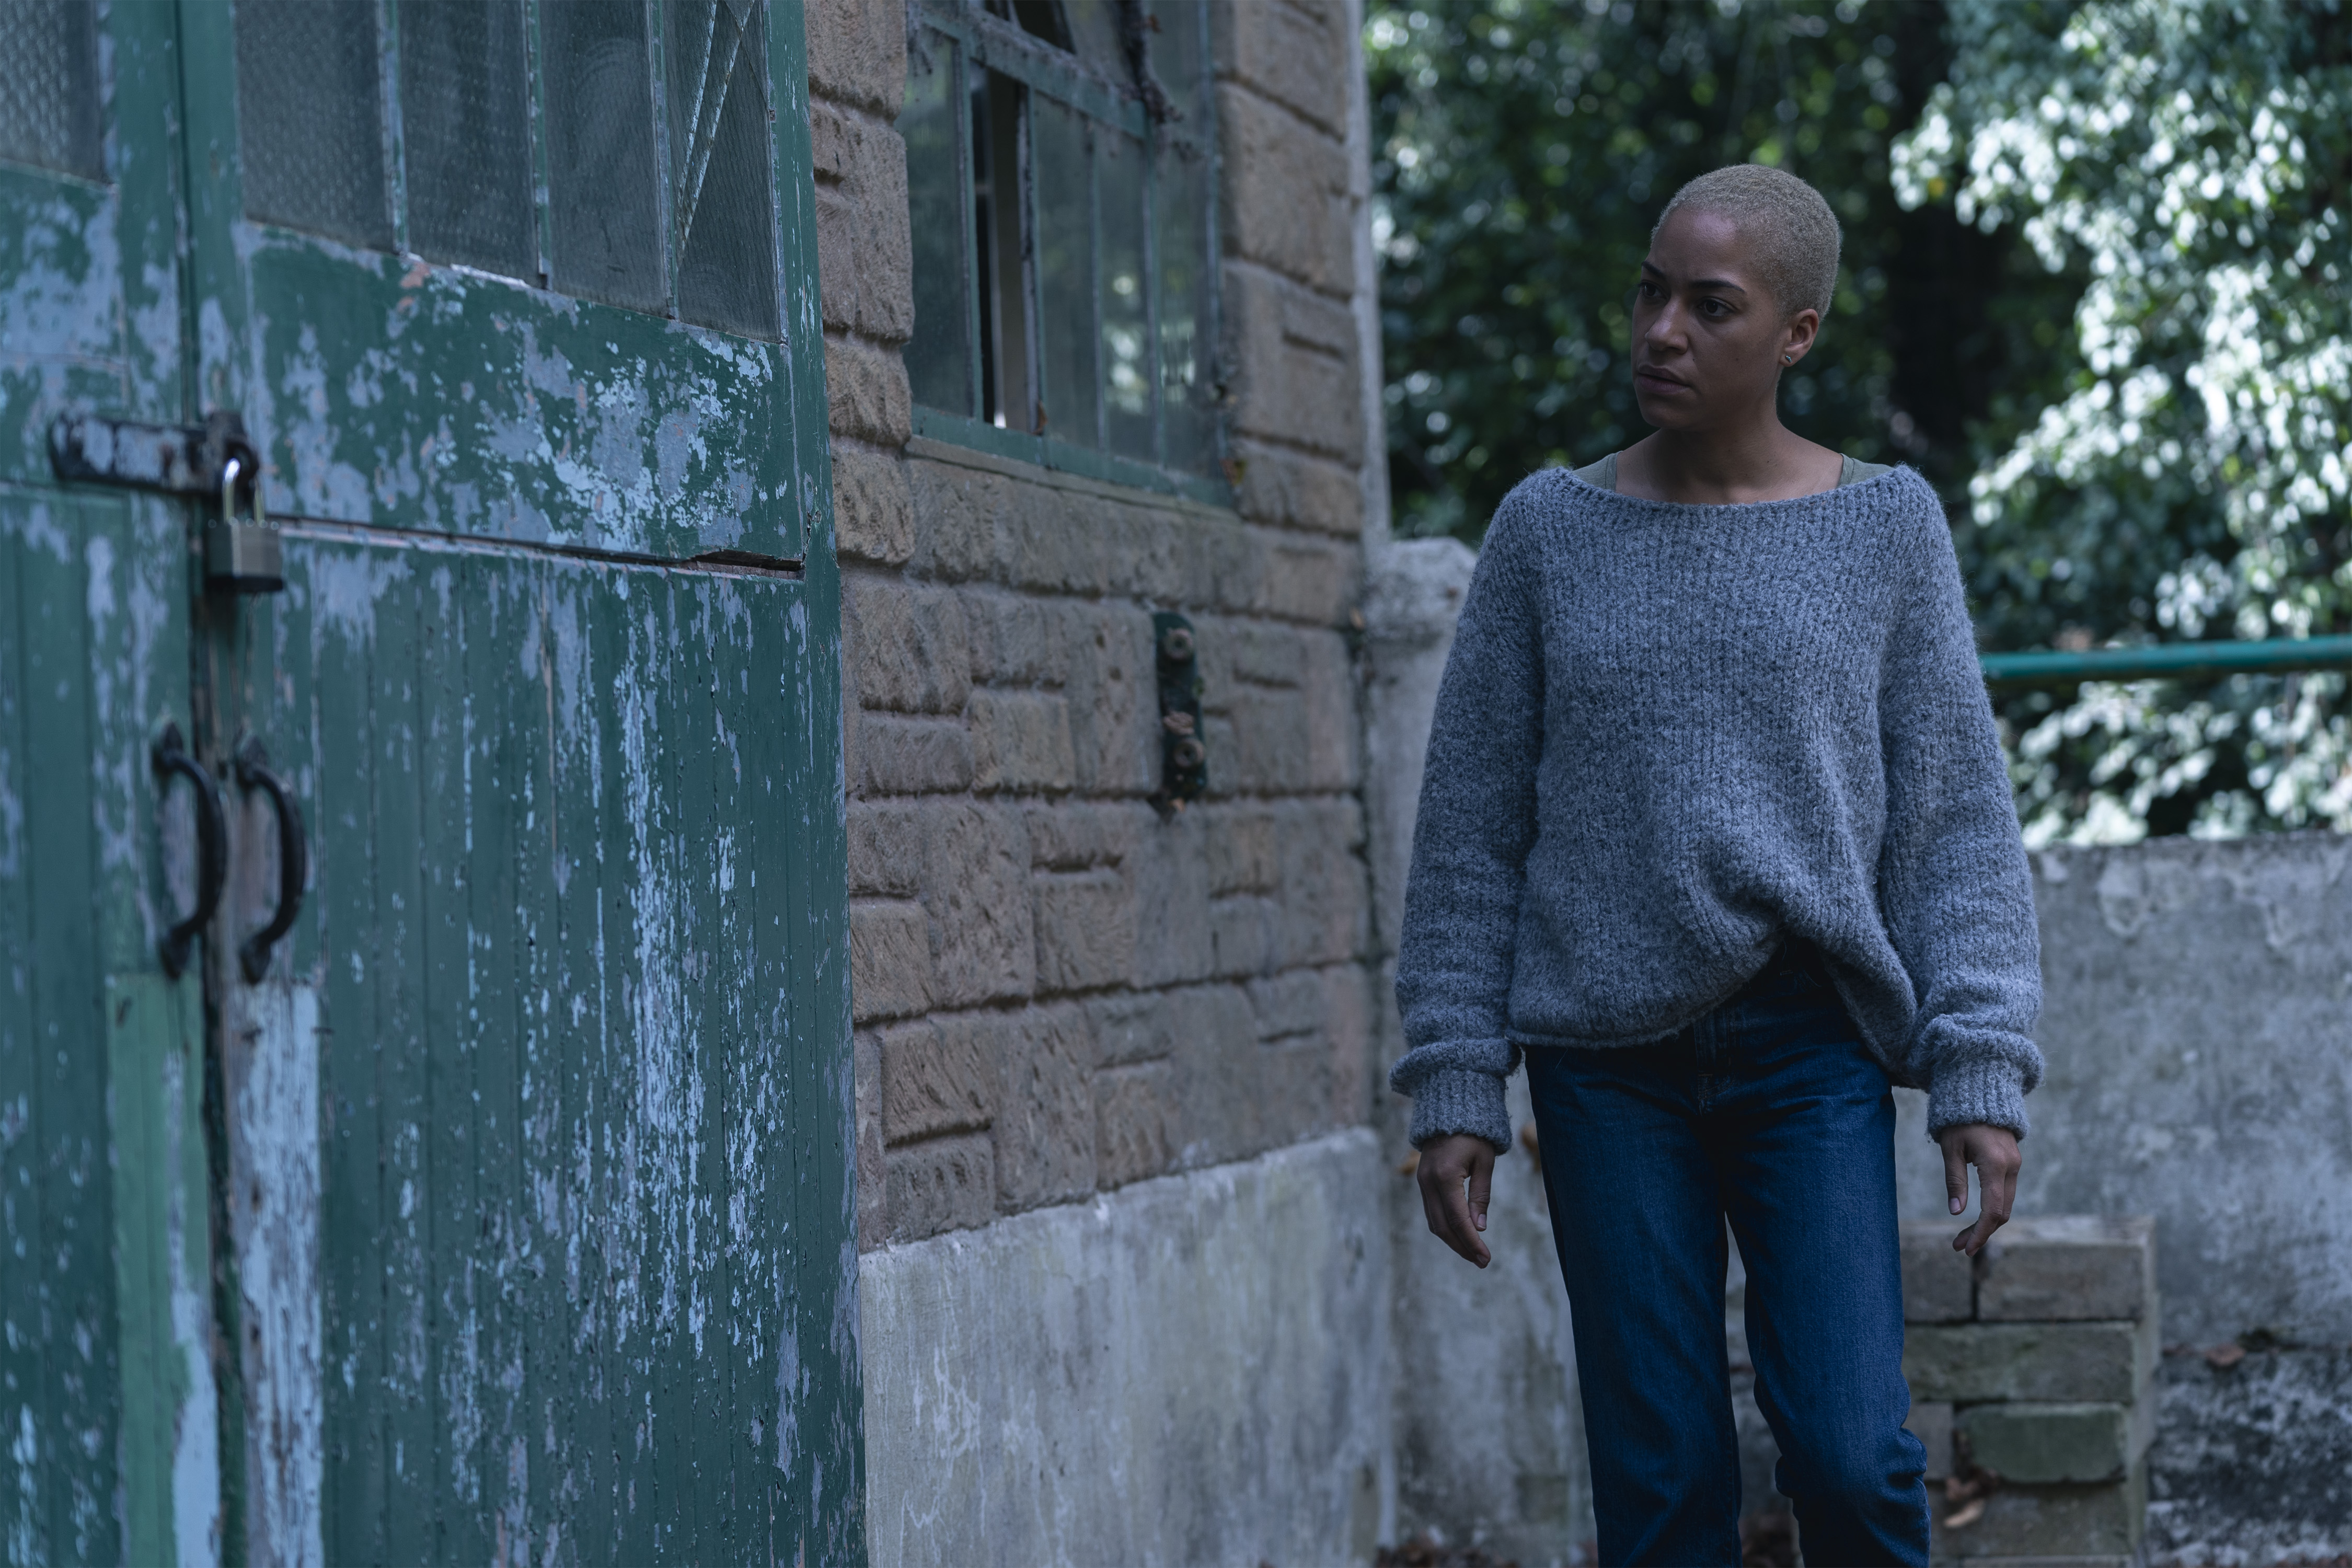 Cush Jumbo comme Frances - Monster Must Die _ Saison 1, Épisode 2 - Crédit photo : Gareth Gatrell / AMC